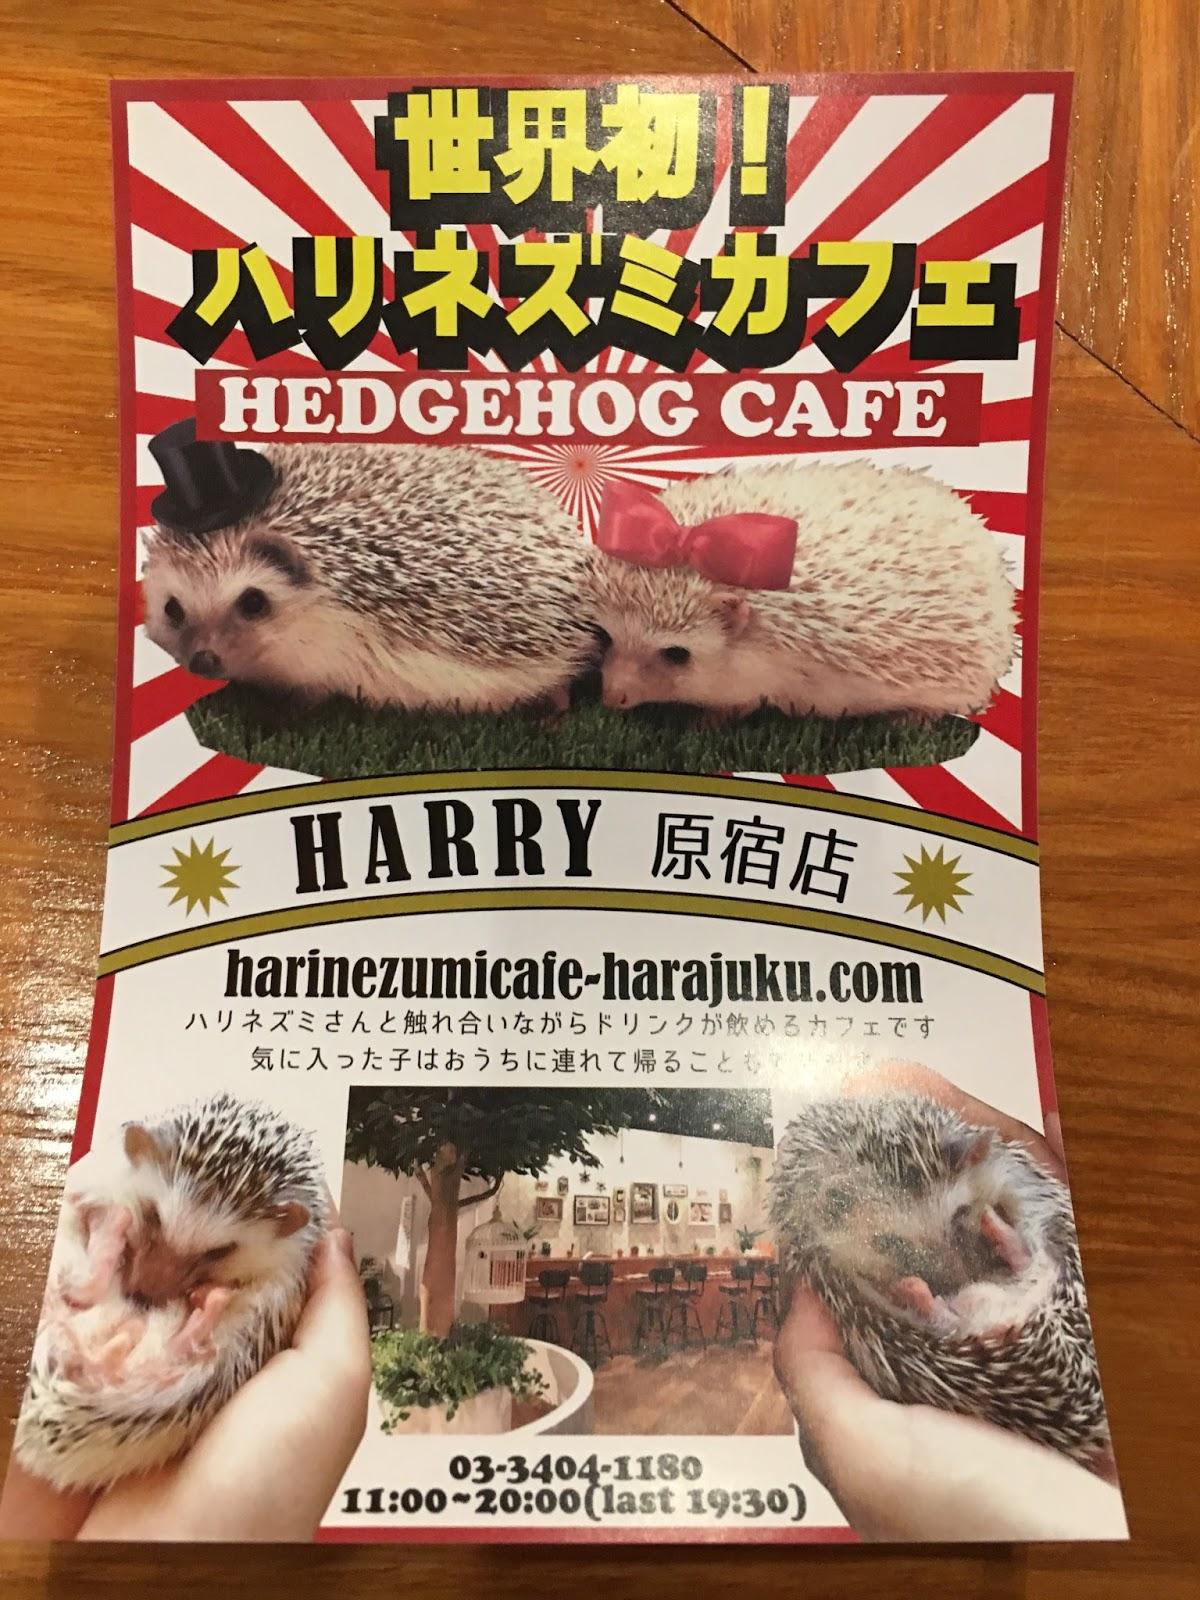 Great Eats Hawaii Hedgehog Cafe Tokyo Japan